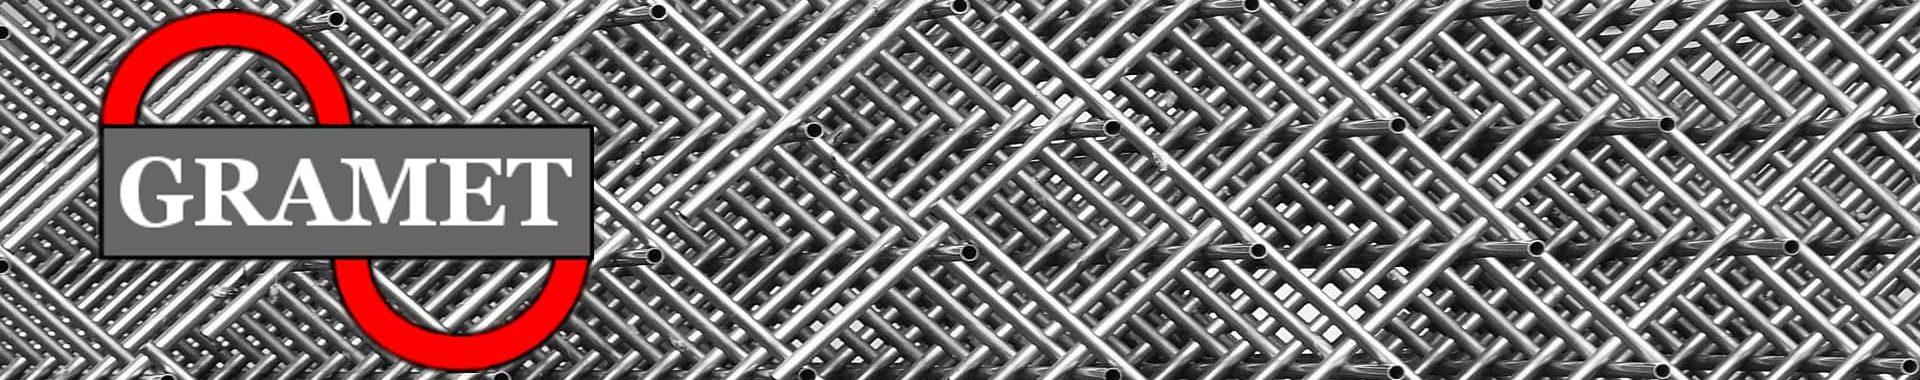 wyroby hutnicze siatki stalowe